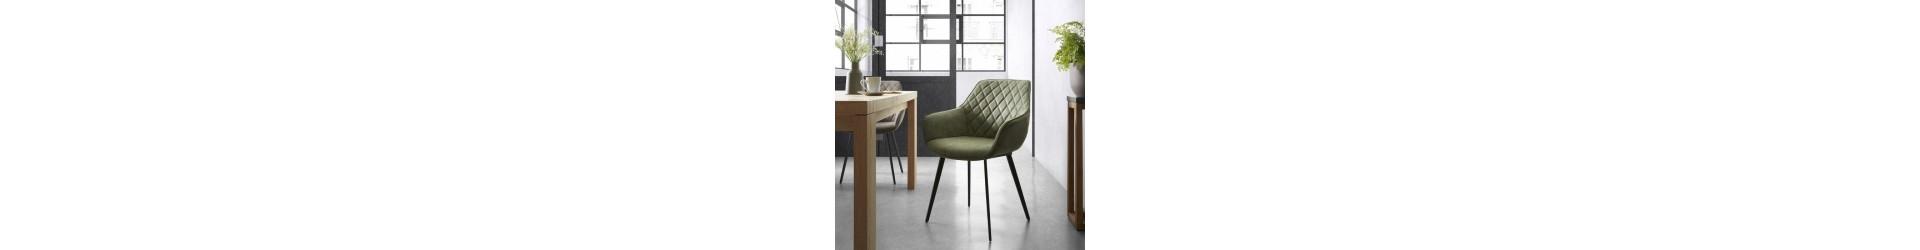 Stühle mit Armlehnen, Polstersesseln